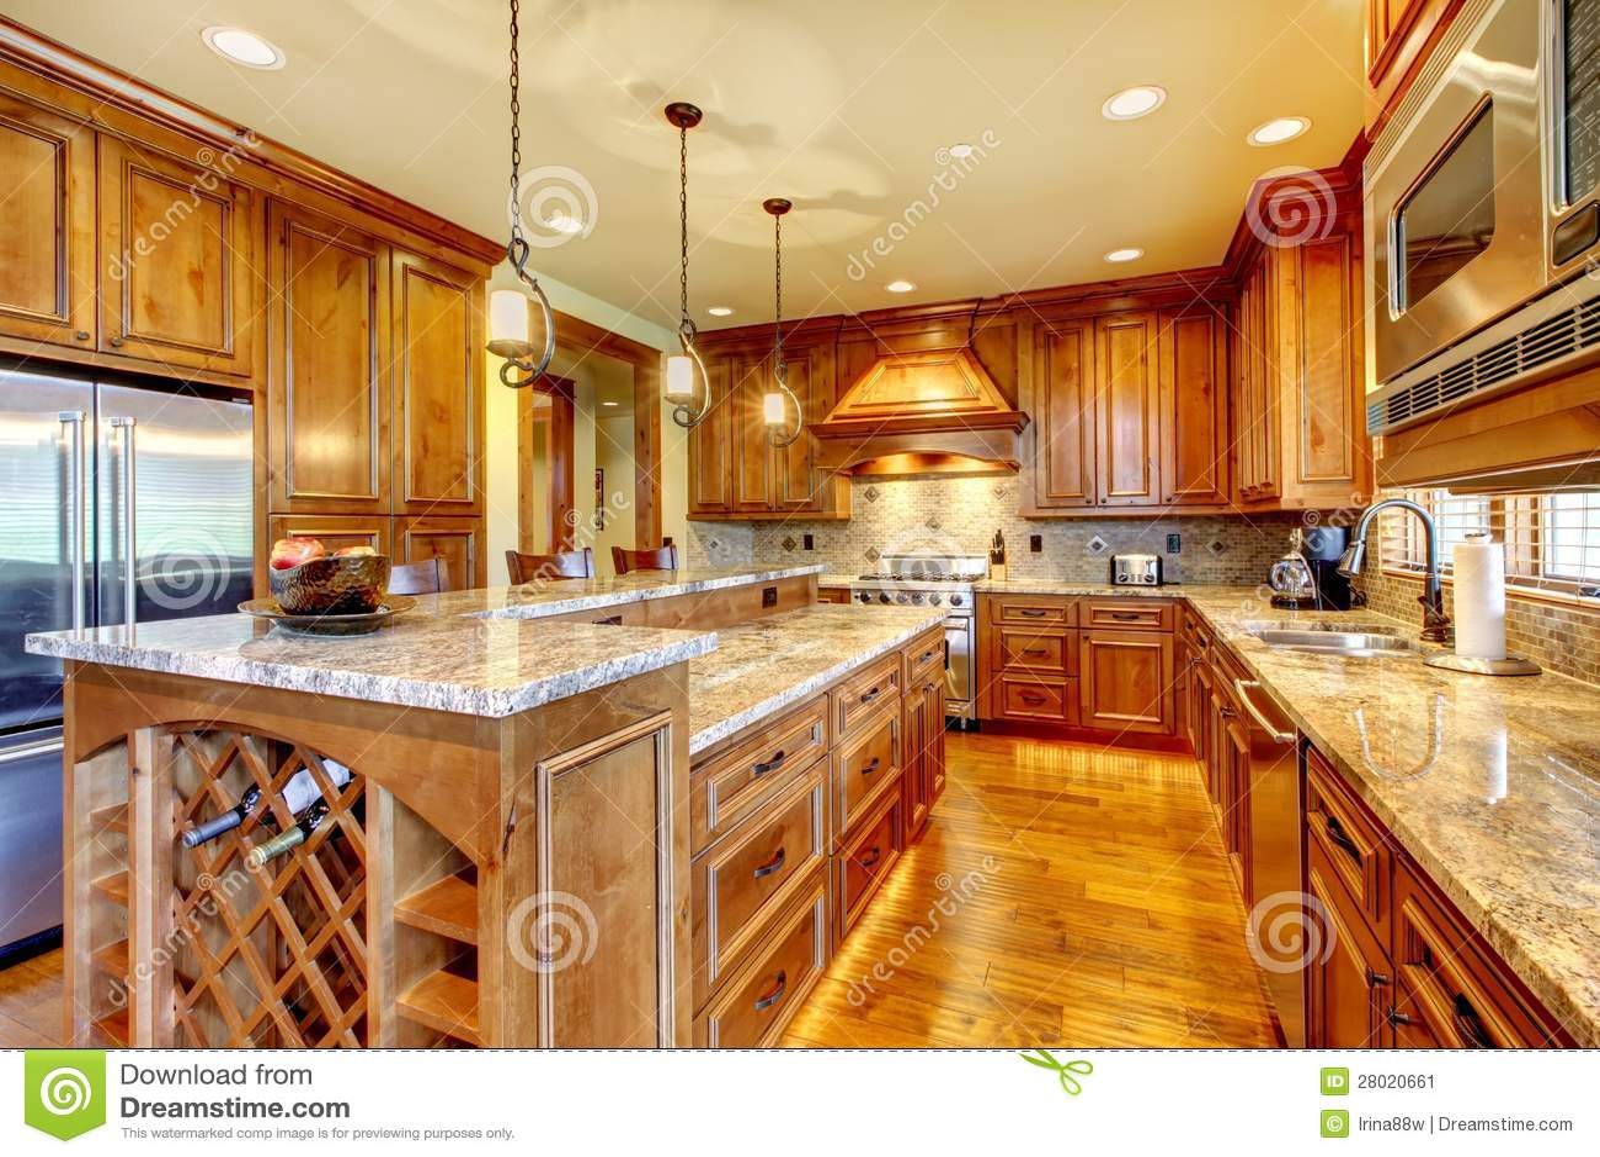 Cozinha de madeira luxuosa com bancada do granito imagem for Maison en bois de luxe